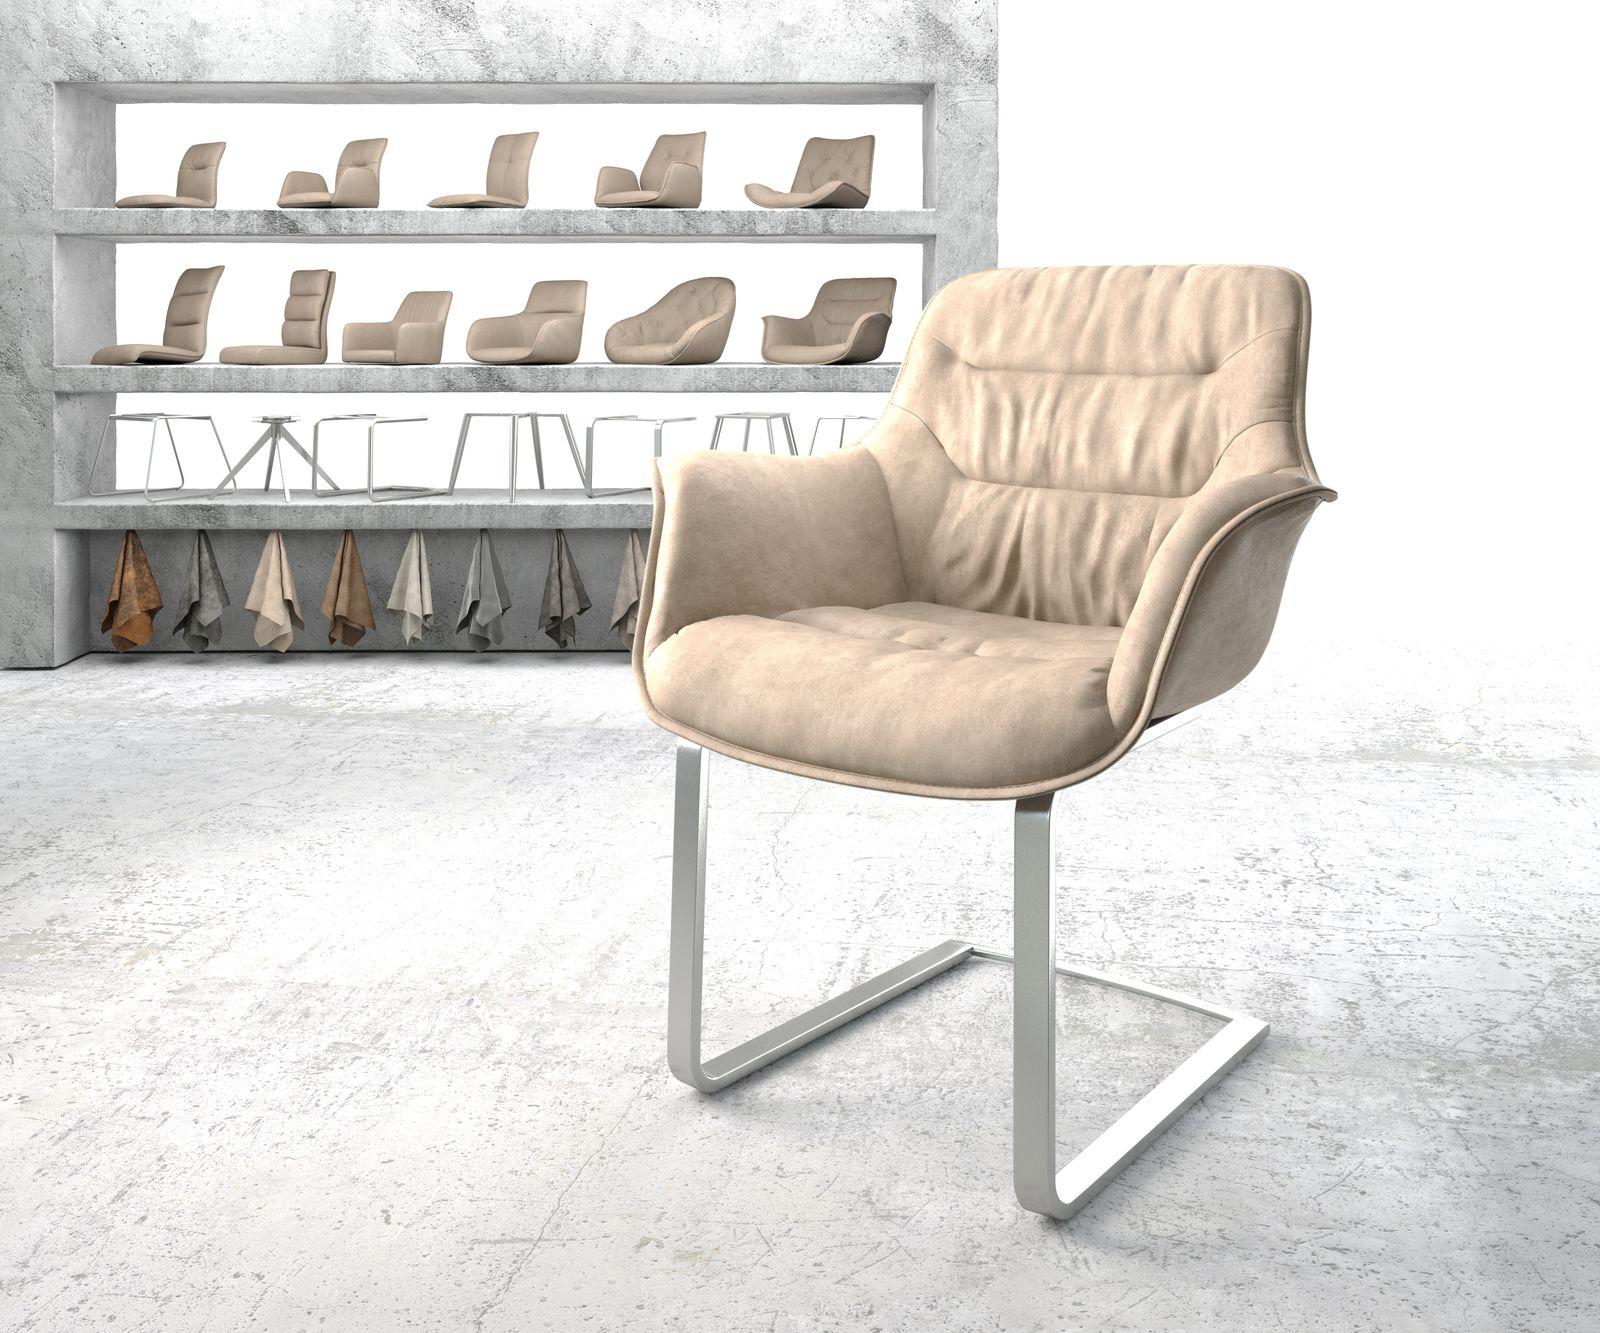 delife-armlehnstuhl-kaira-flex-beige-vintage-freischwinger-flach-edelstahl-esszimmerstuhle